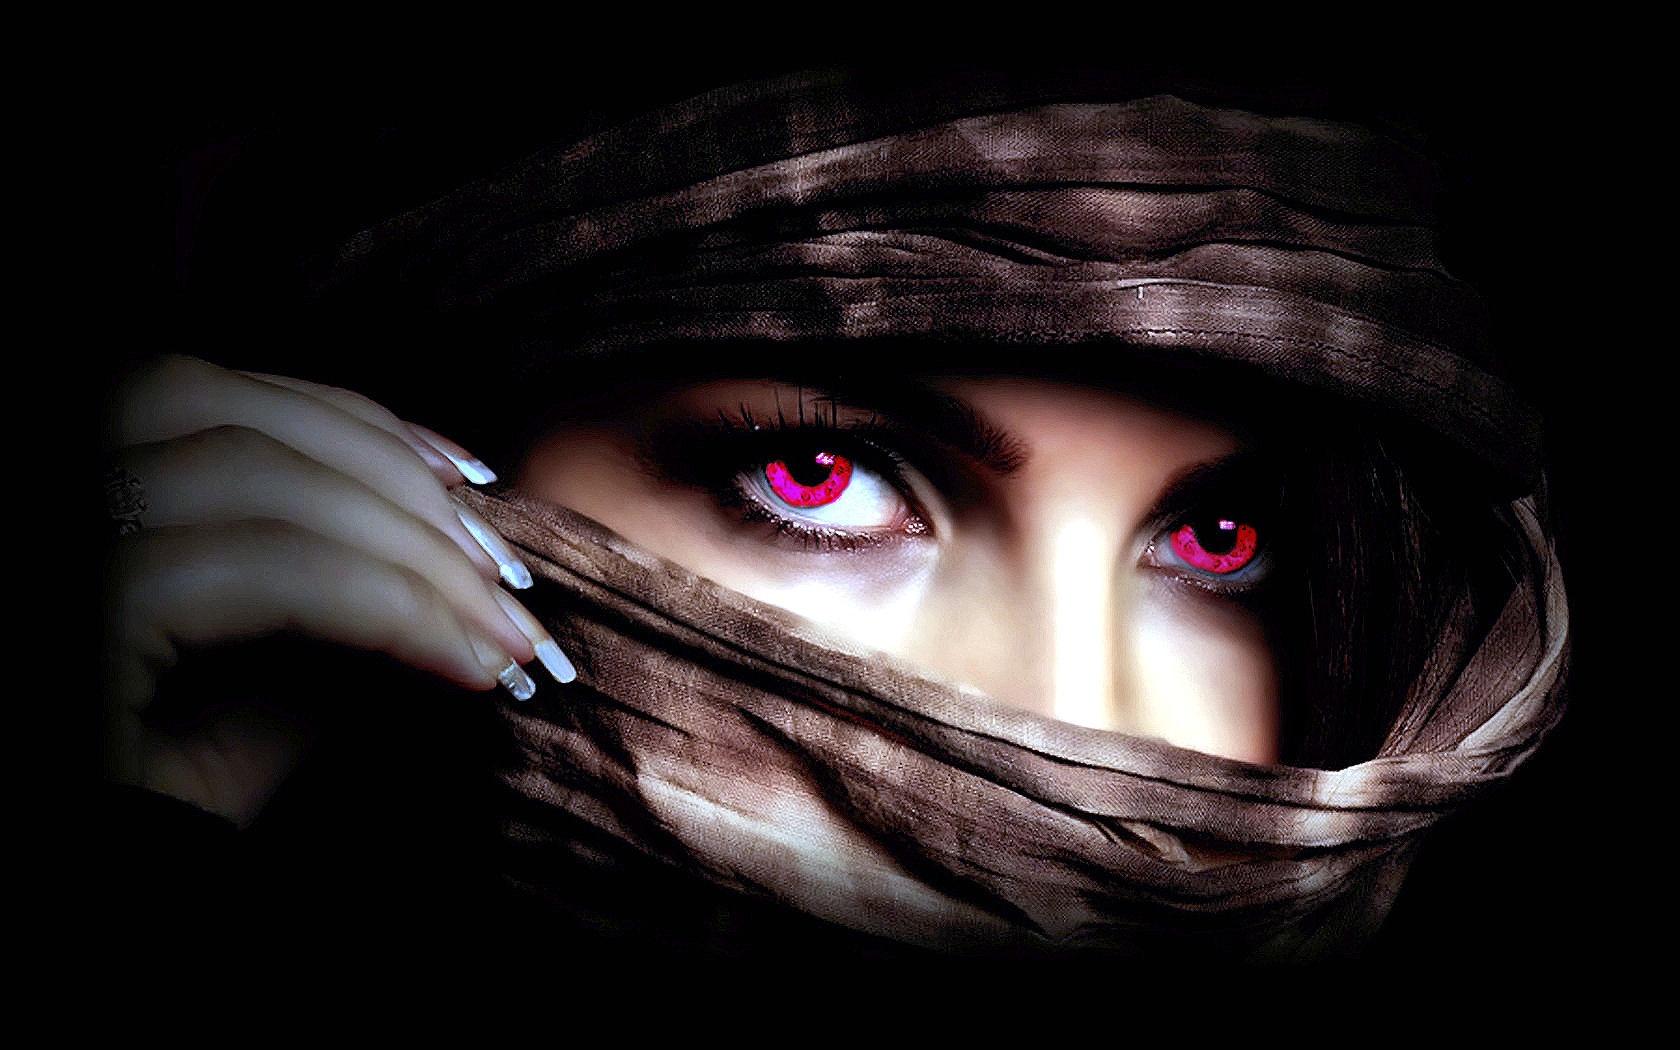 El poder de los ojos